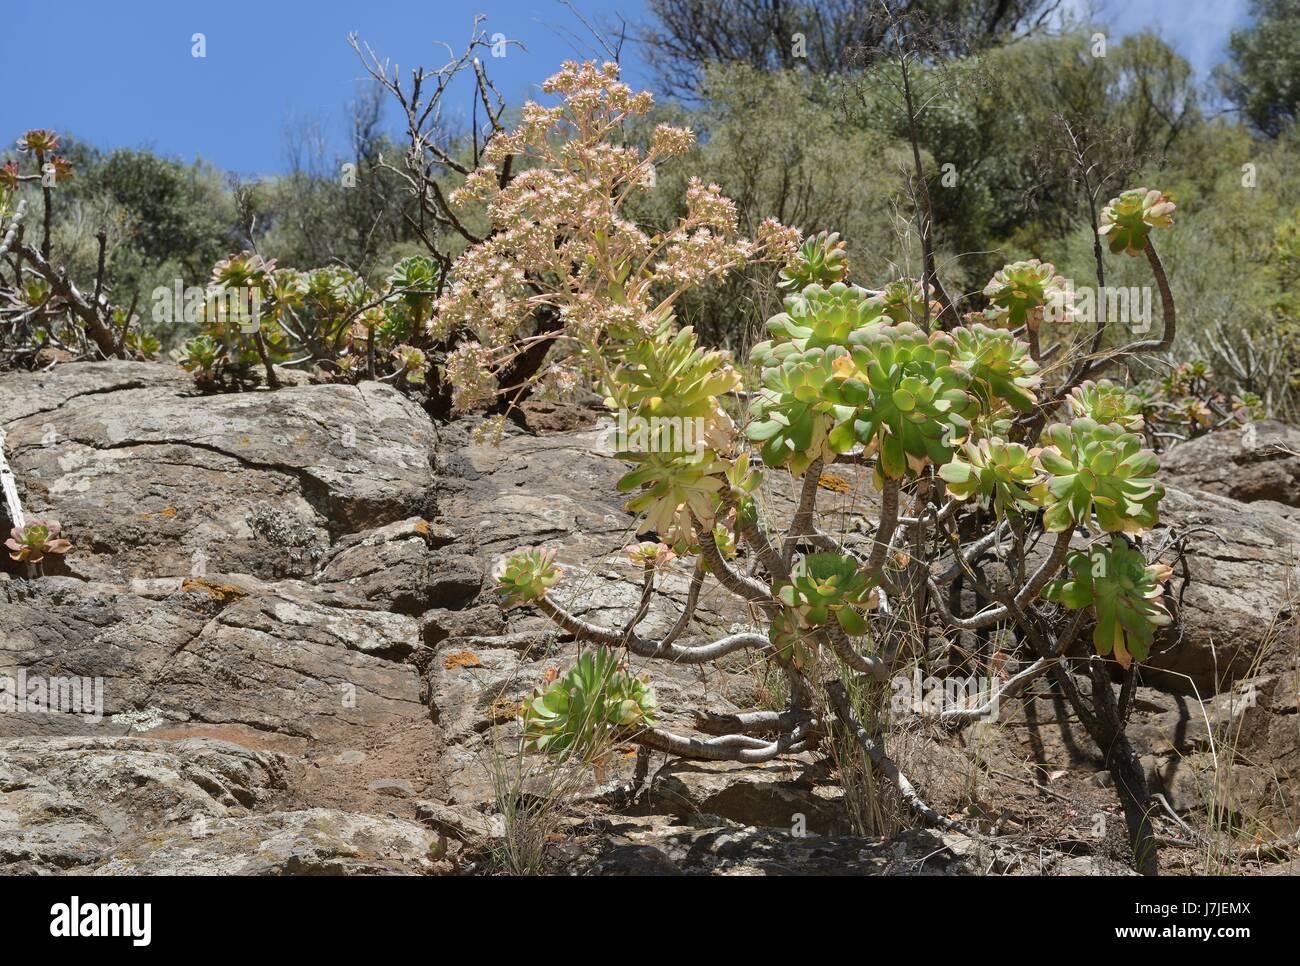 Endemische Aeonium / Baum-Hauswurz (Aeonium Percarneum), eine große Rosa blühenden Arten endemisch auf Stockbild